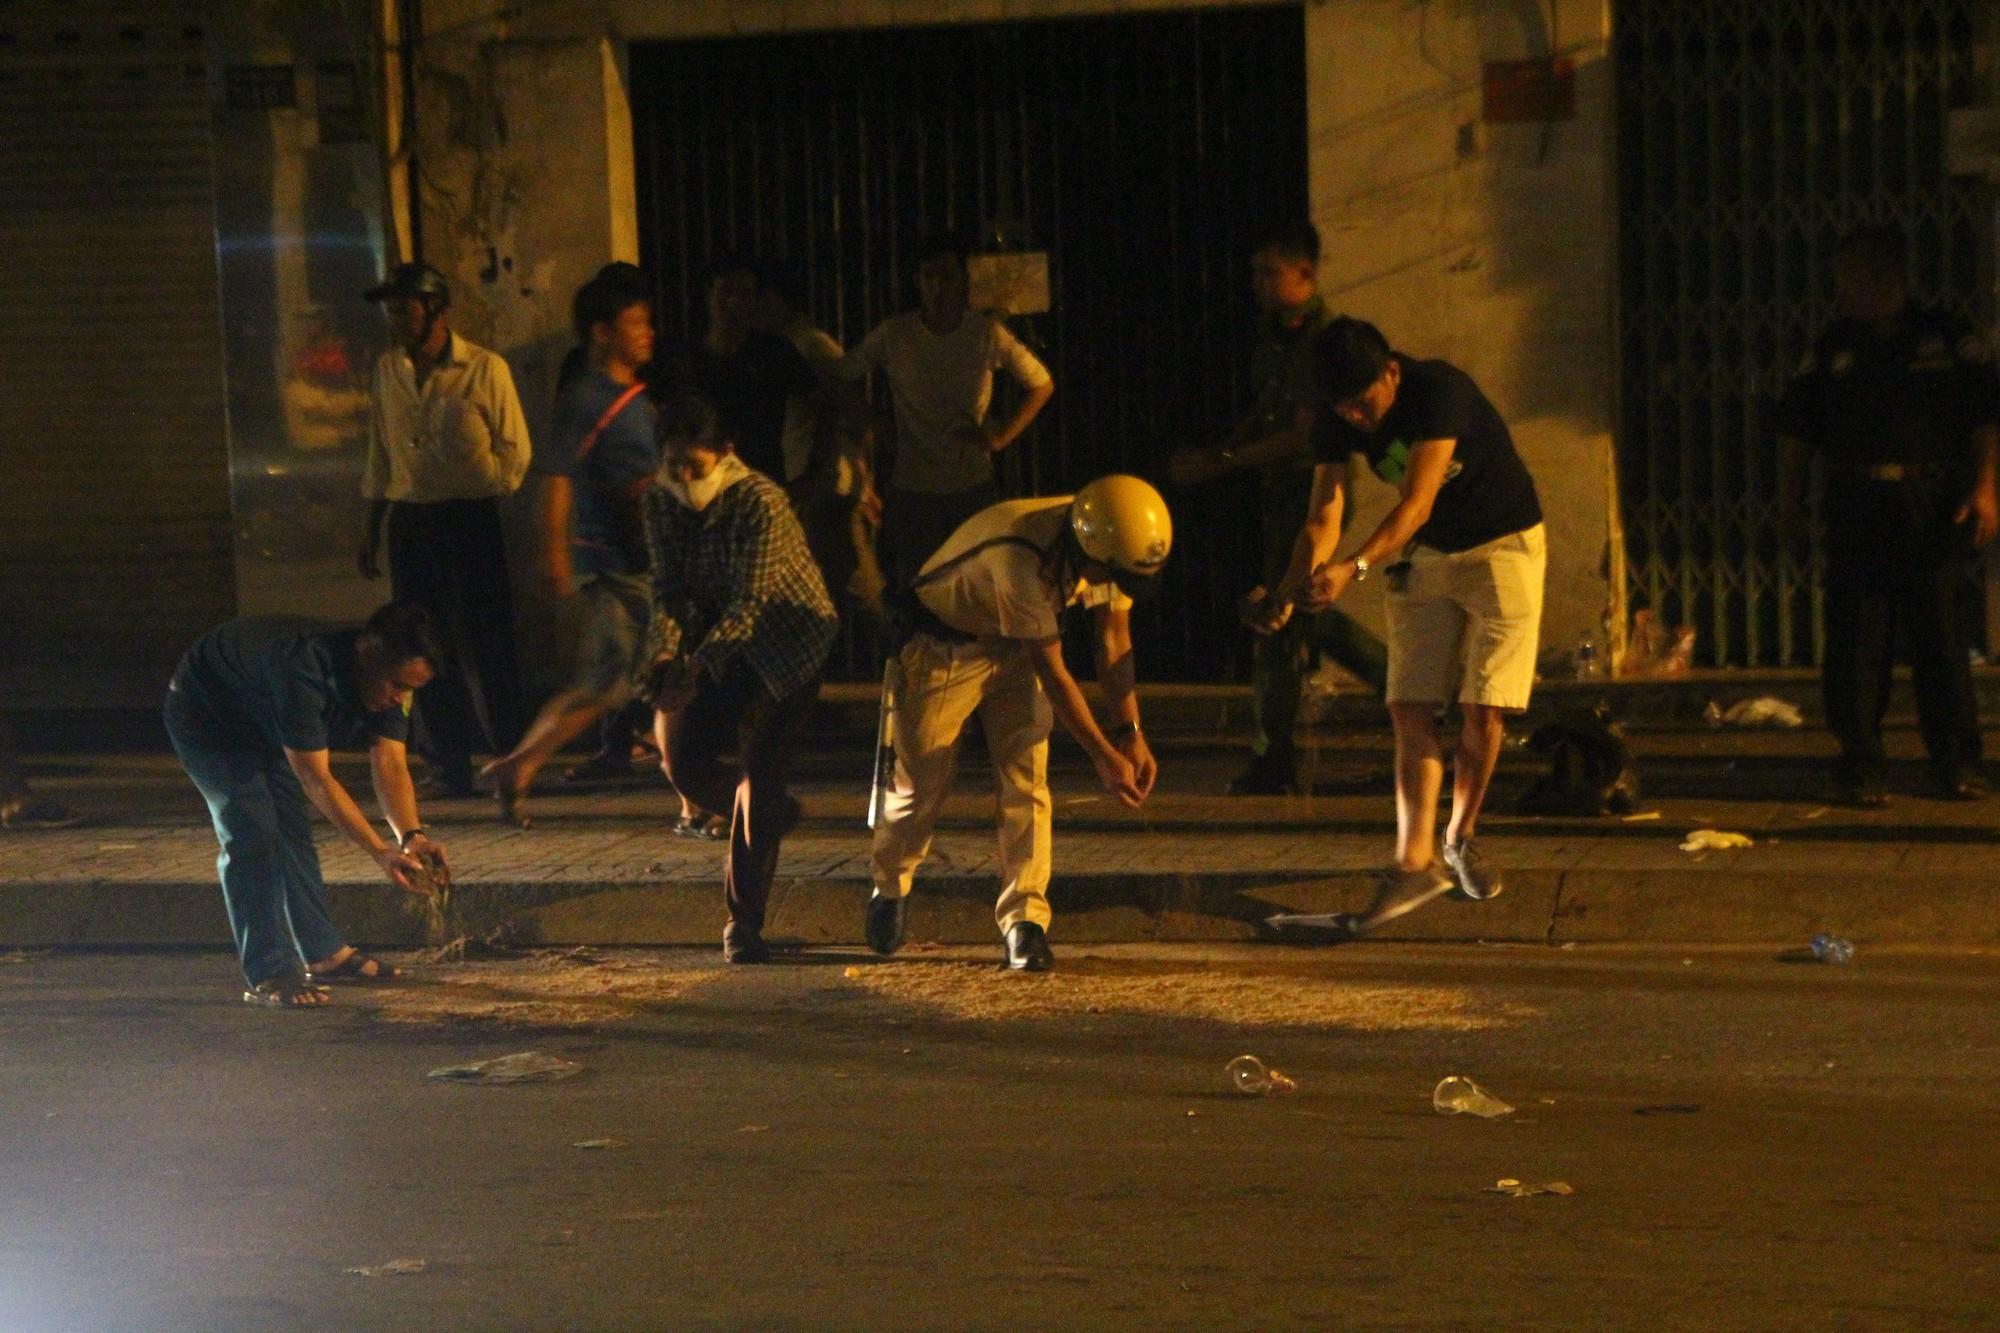 Hiện trường vụ băng trộm SH đâm chết 2 người ở Sài Gòn - Ảnh 5.